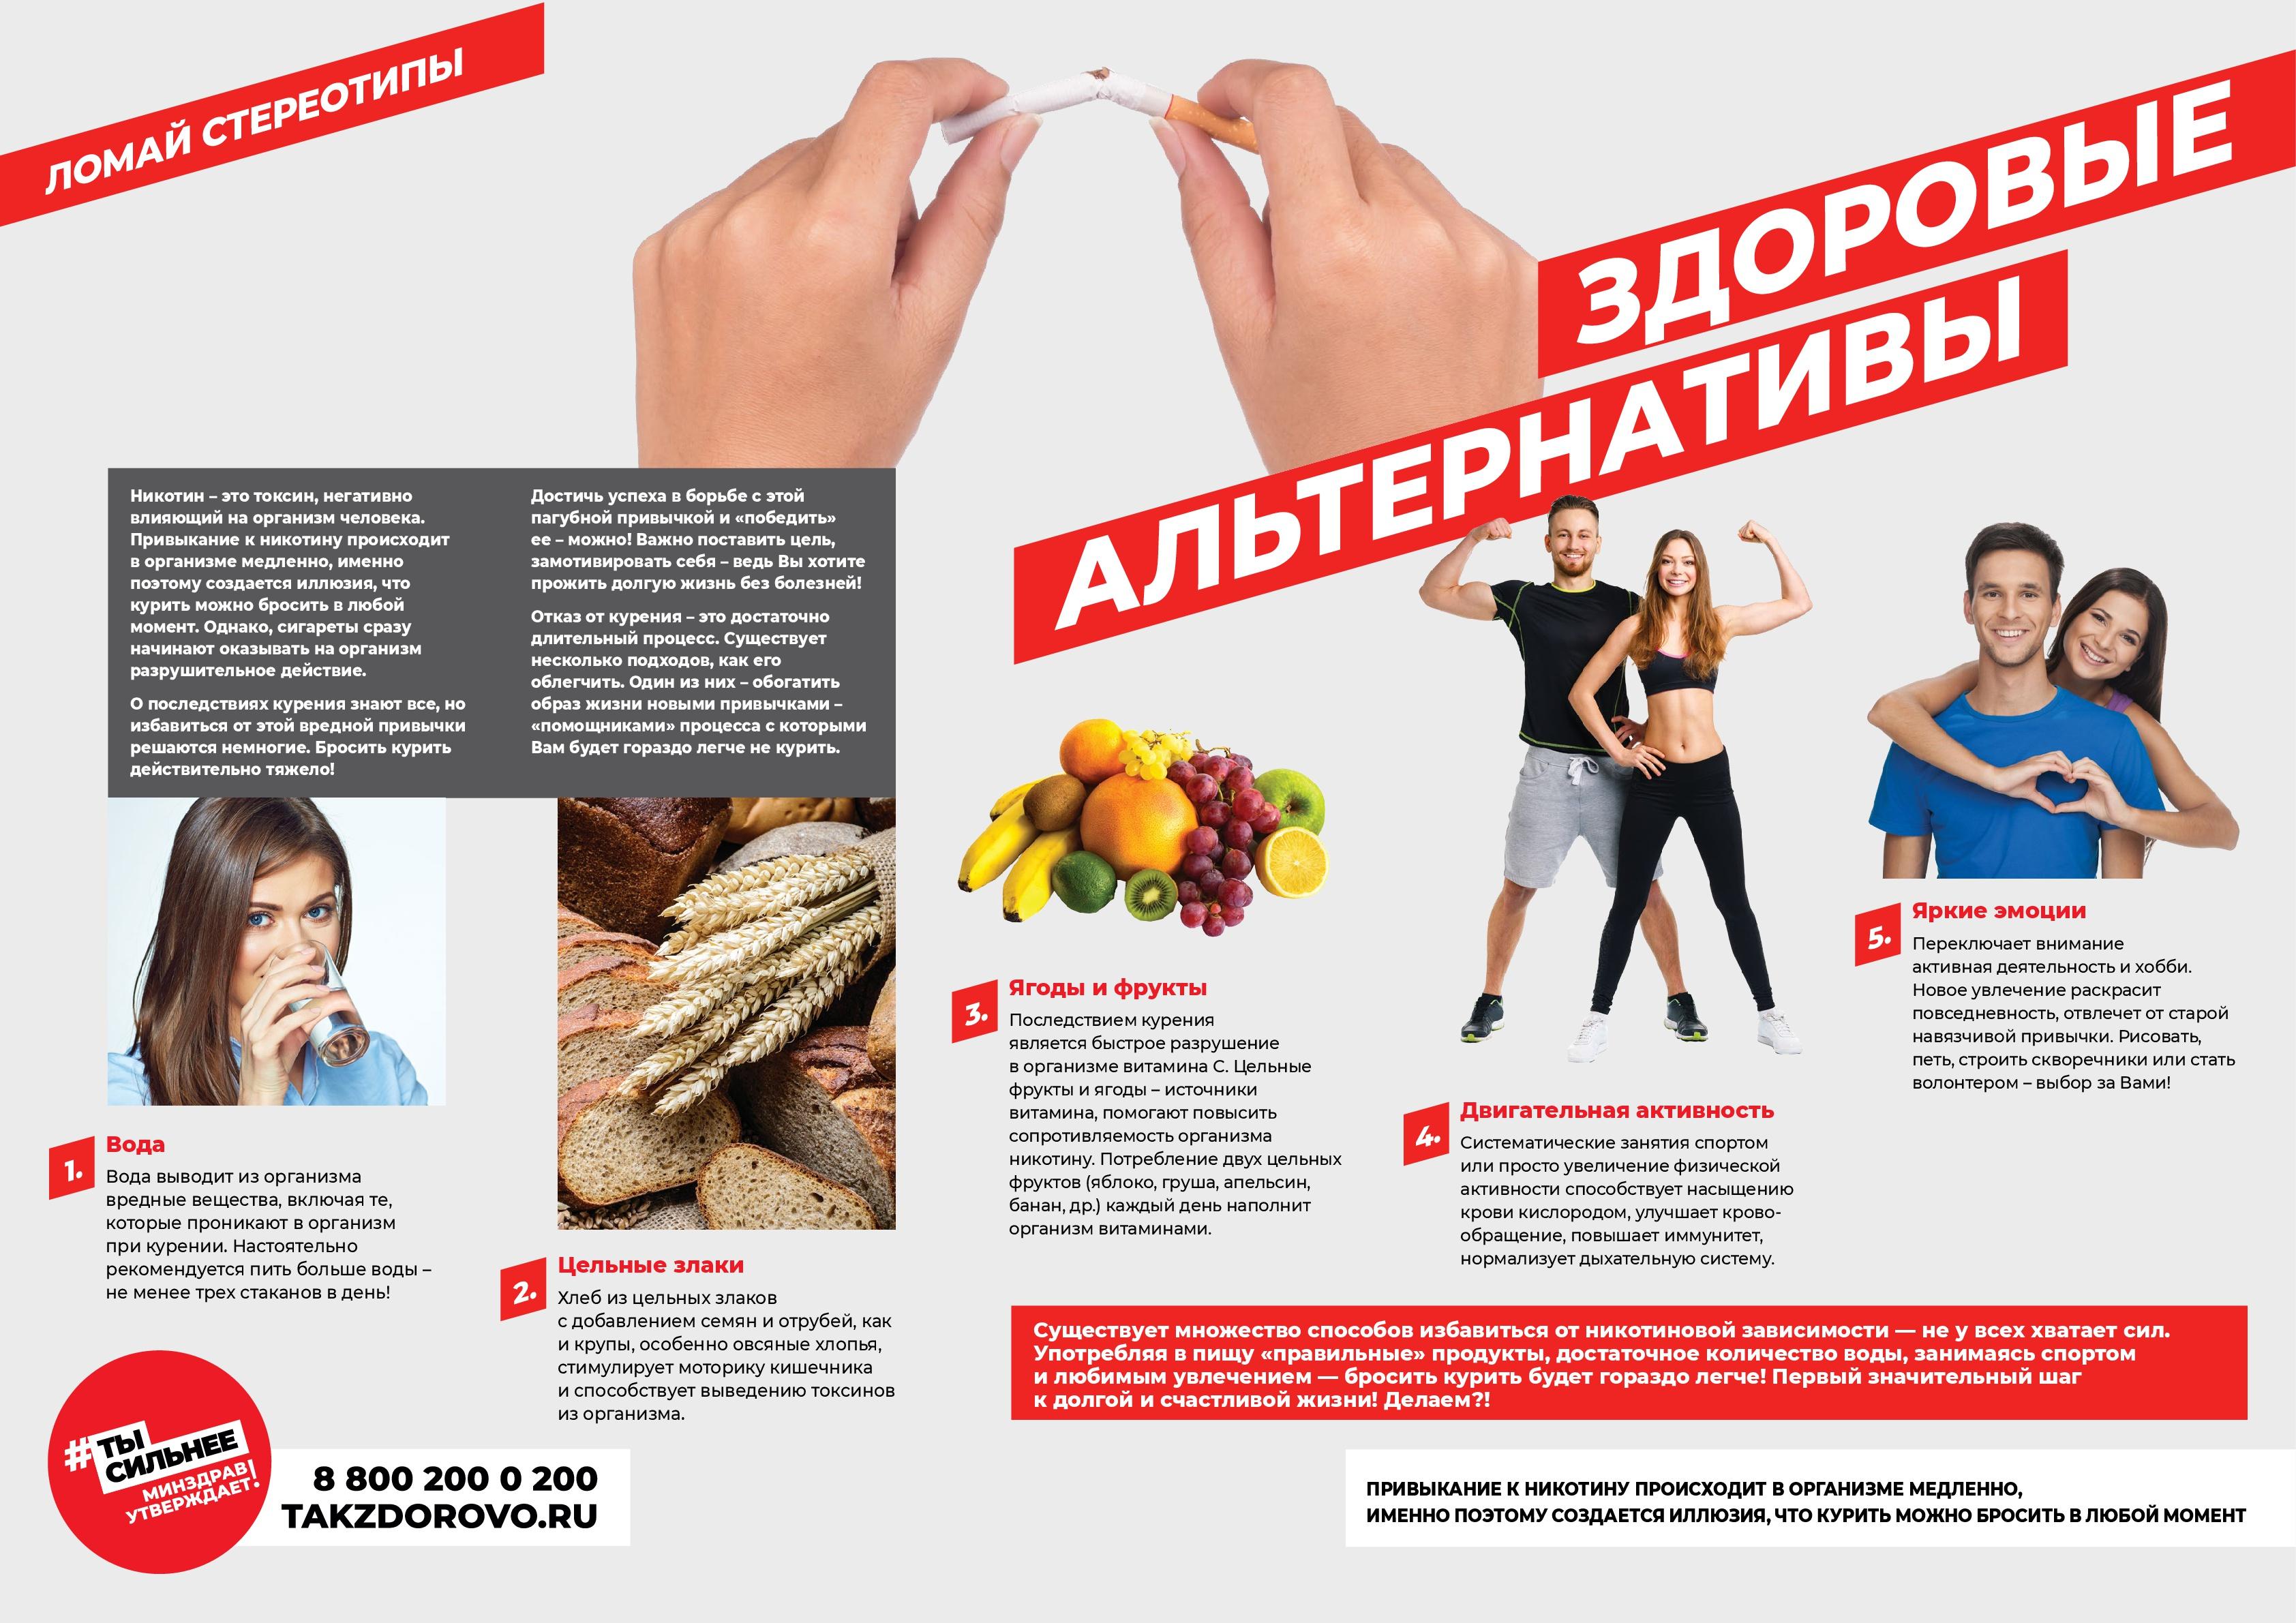 Здоровые альтернативы